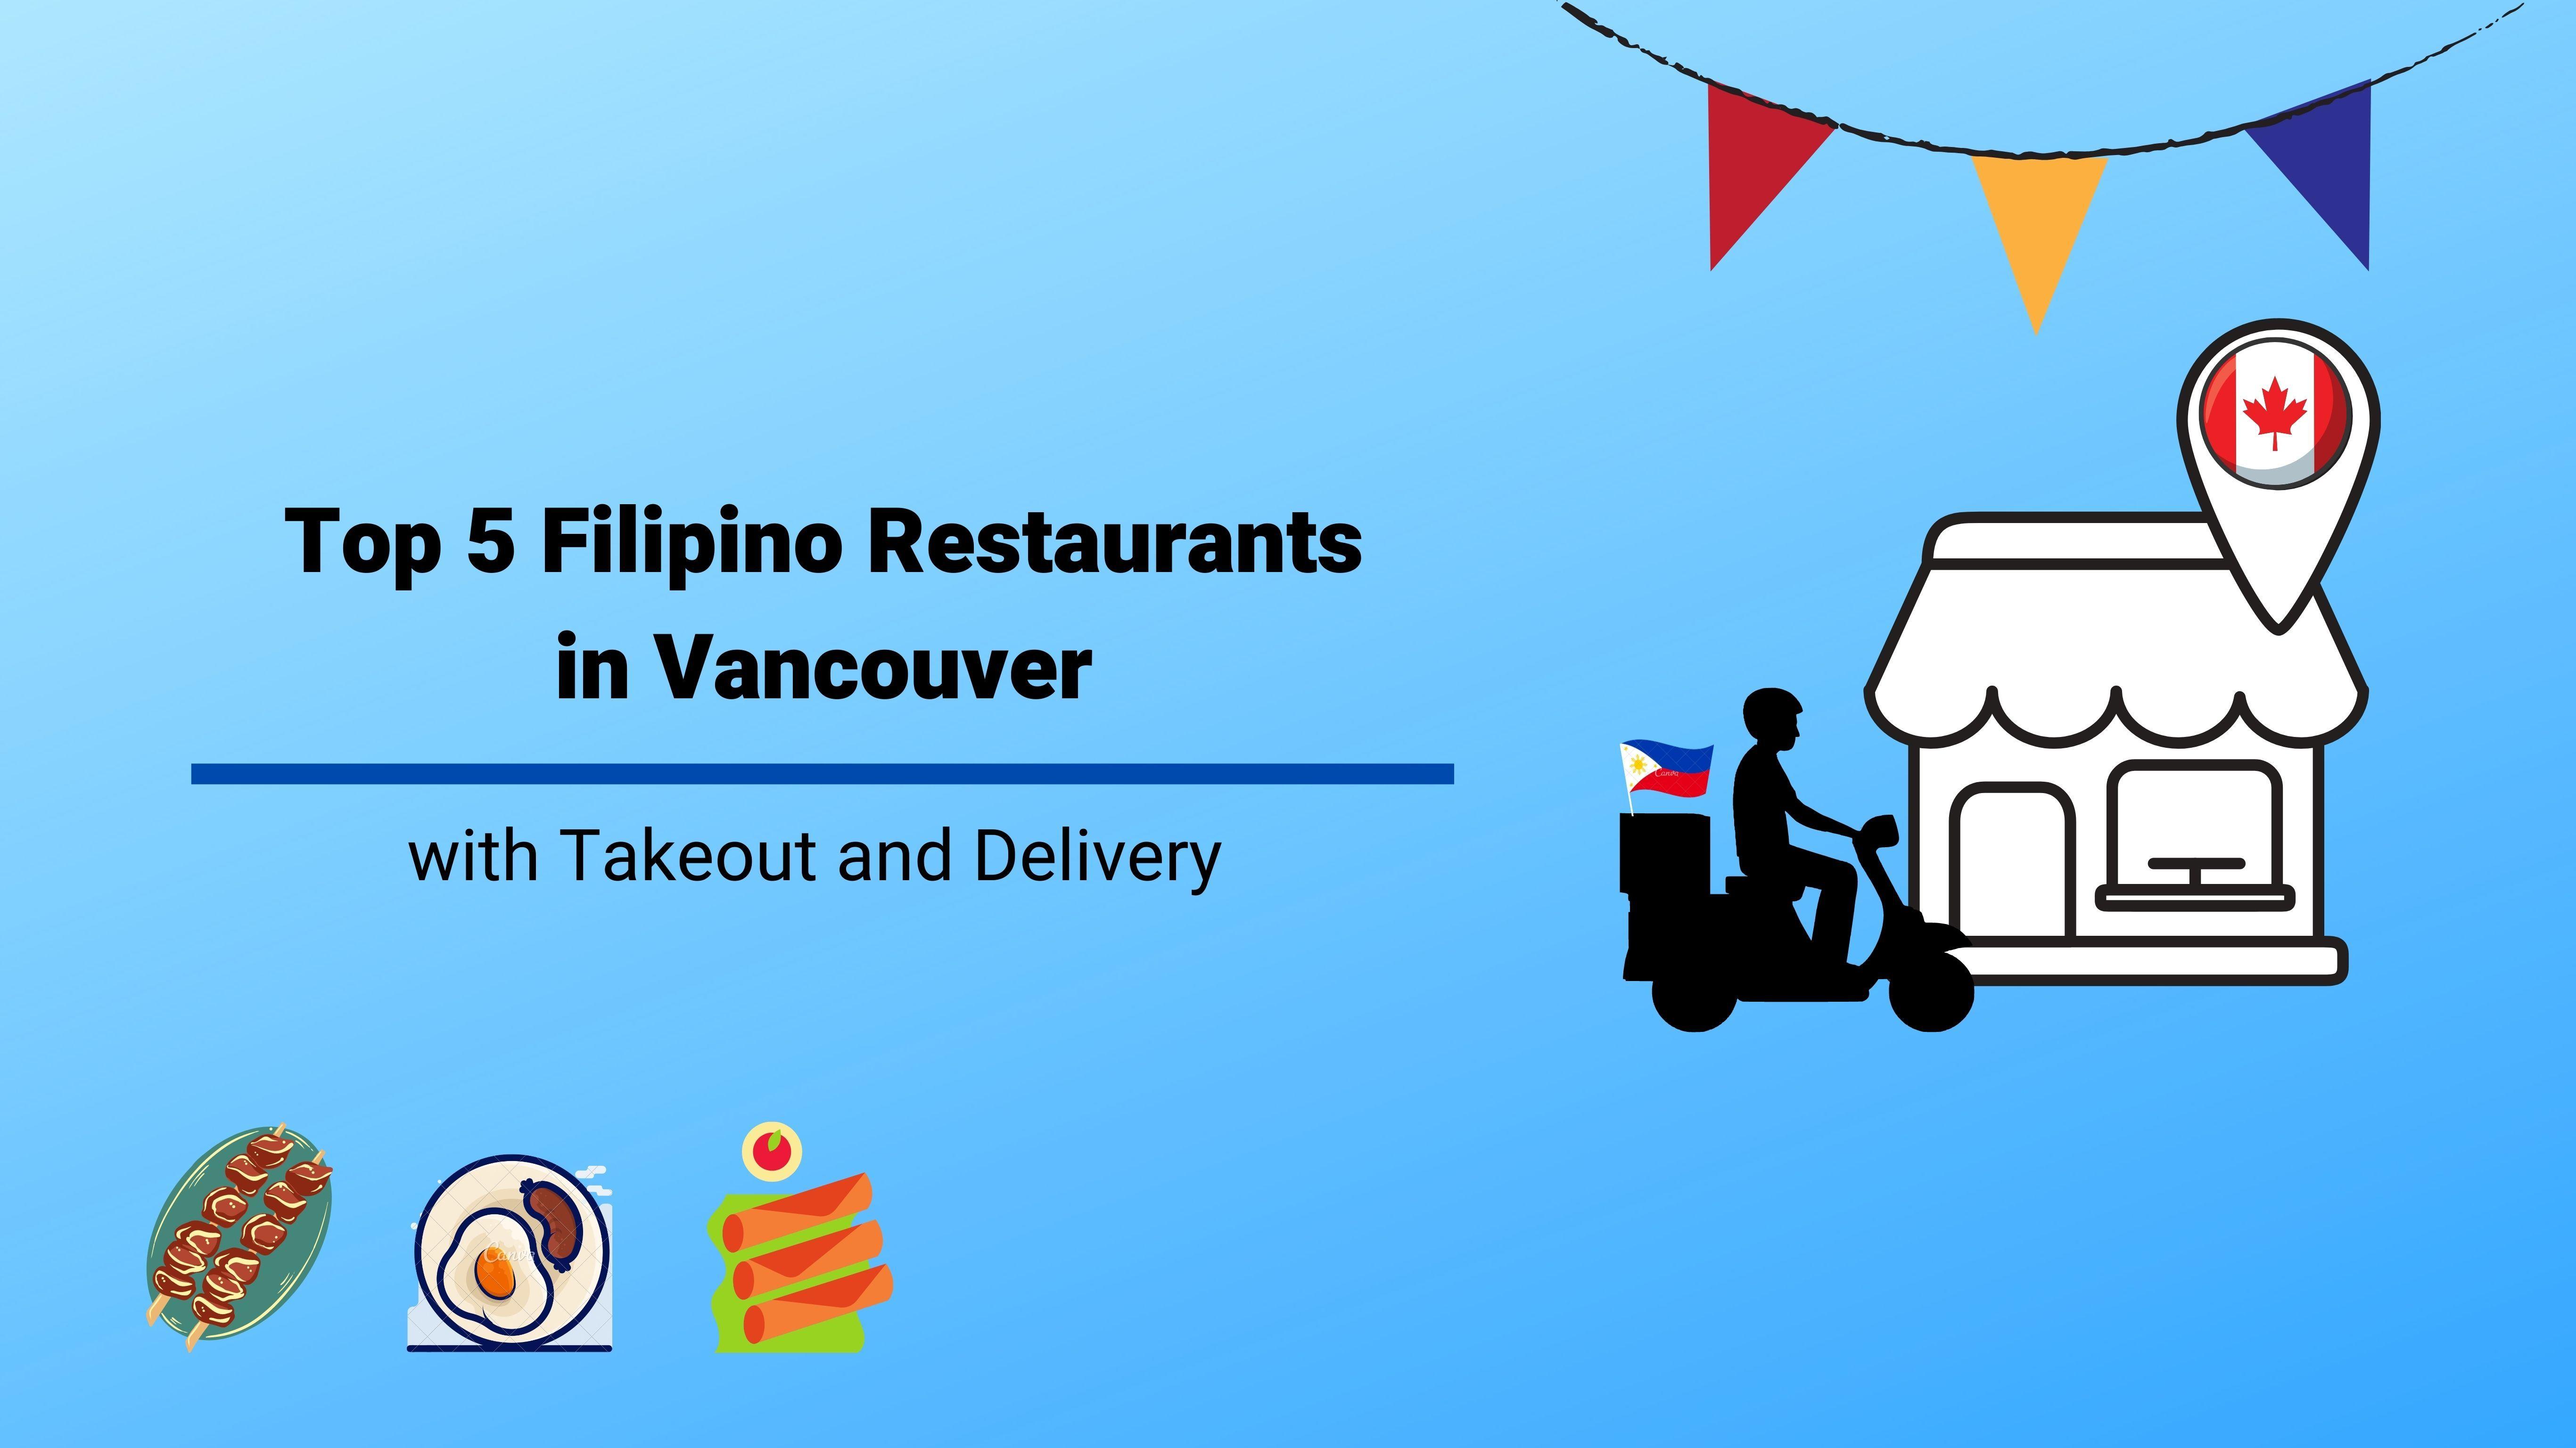 Top 5 Filipino Restaurants in Vancouver